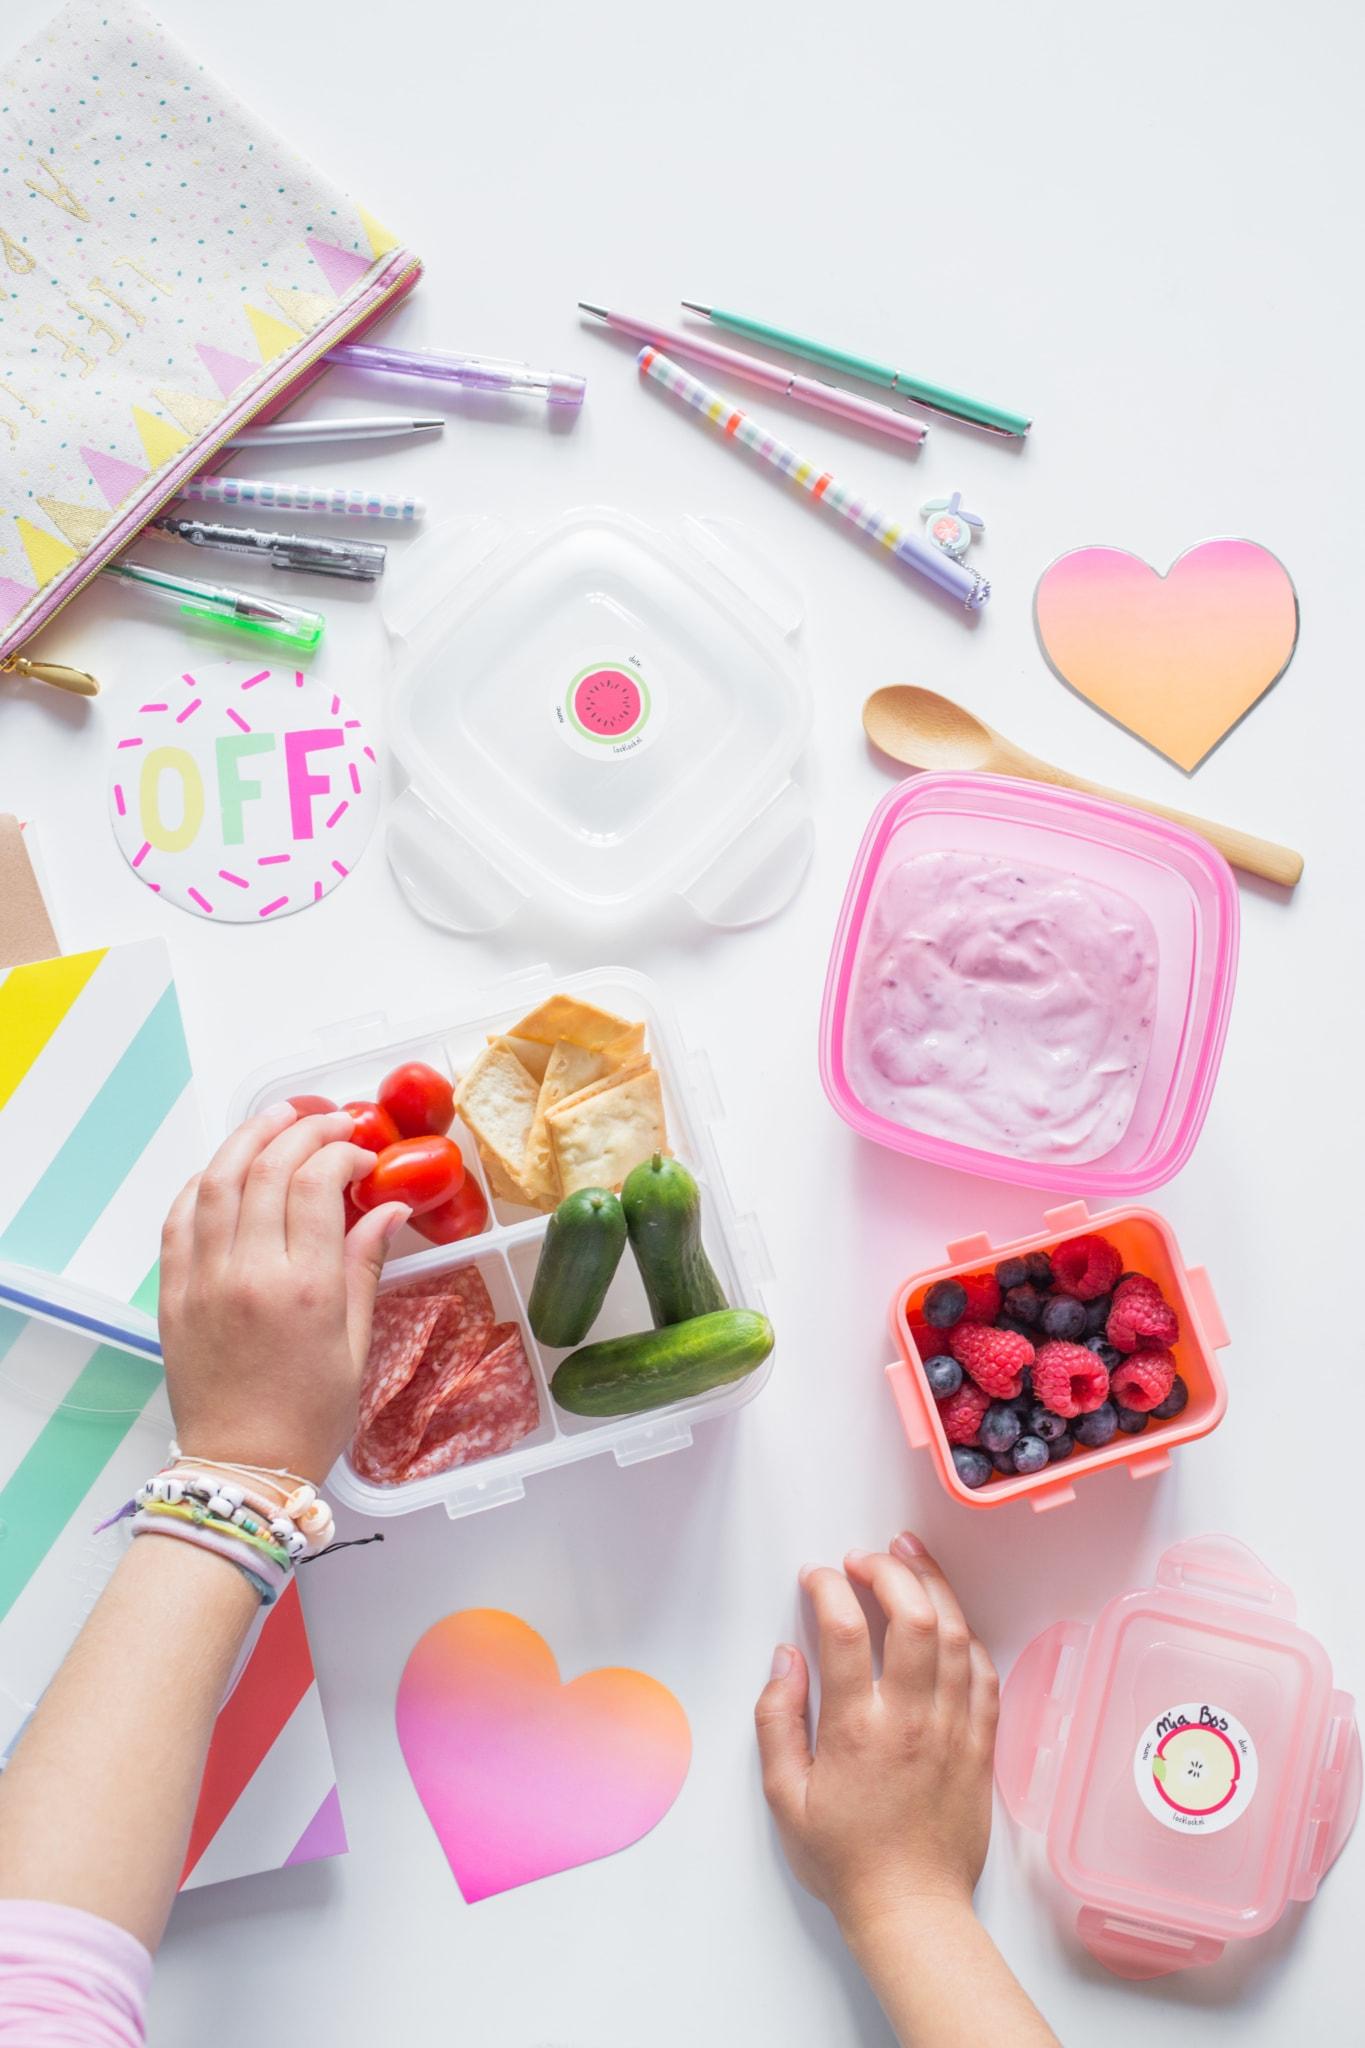 culinessa LocknLock girl - Lunch inspiratie voor school